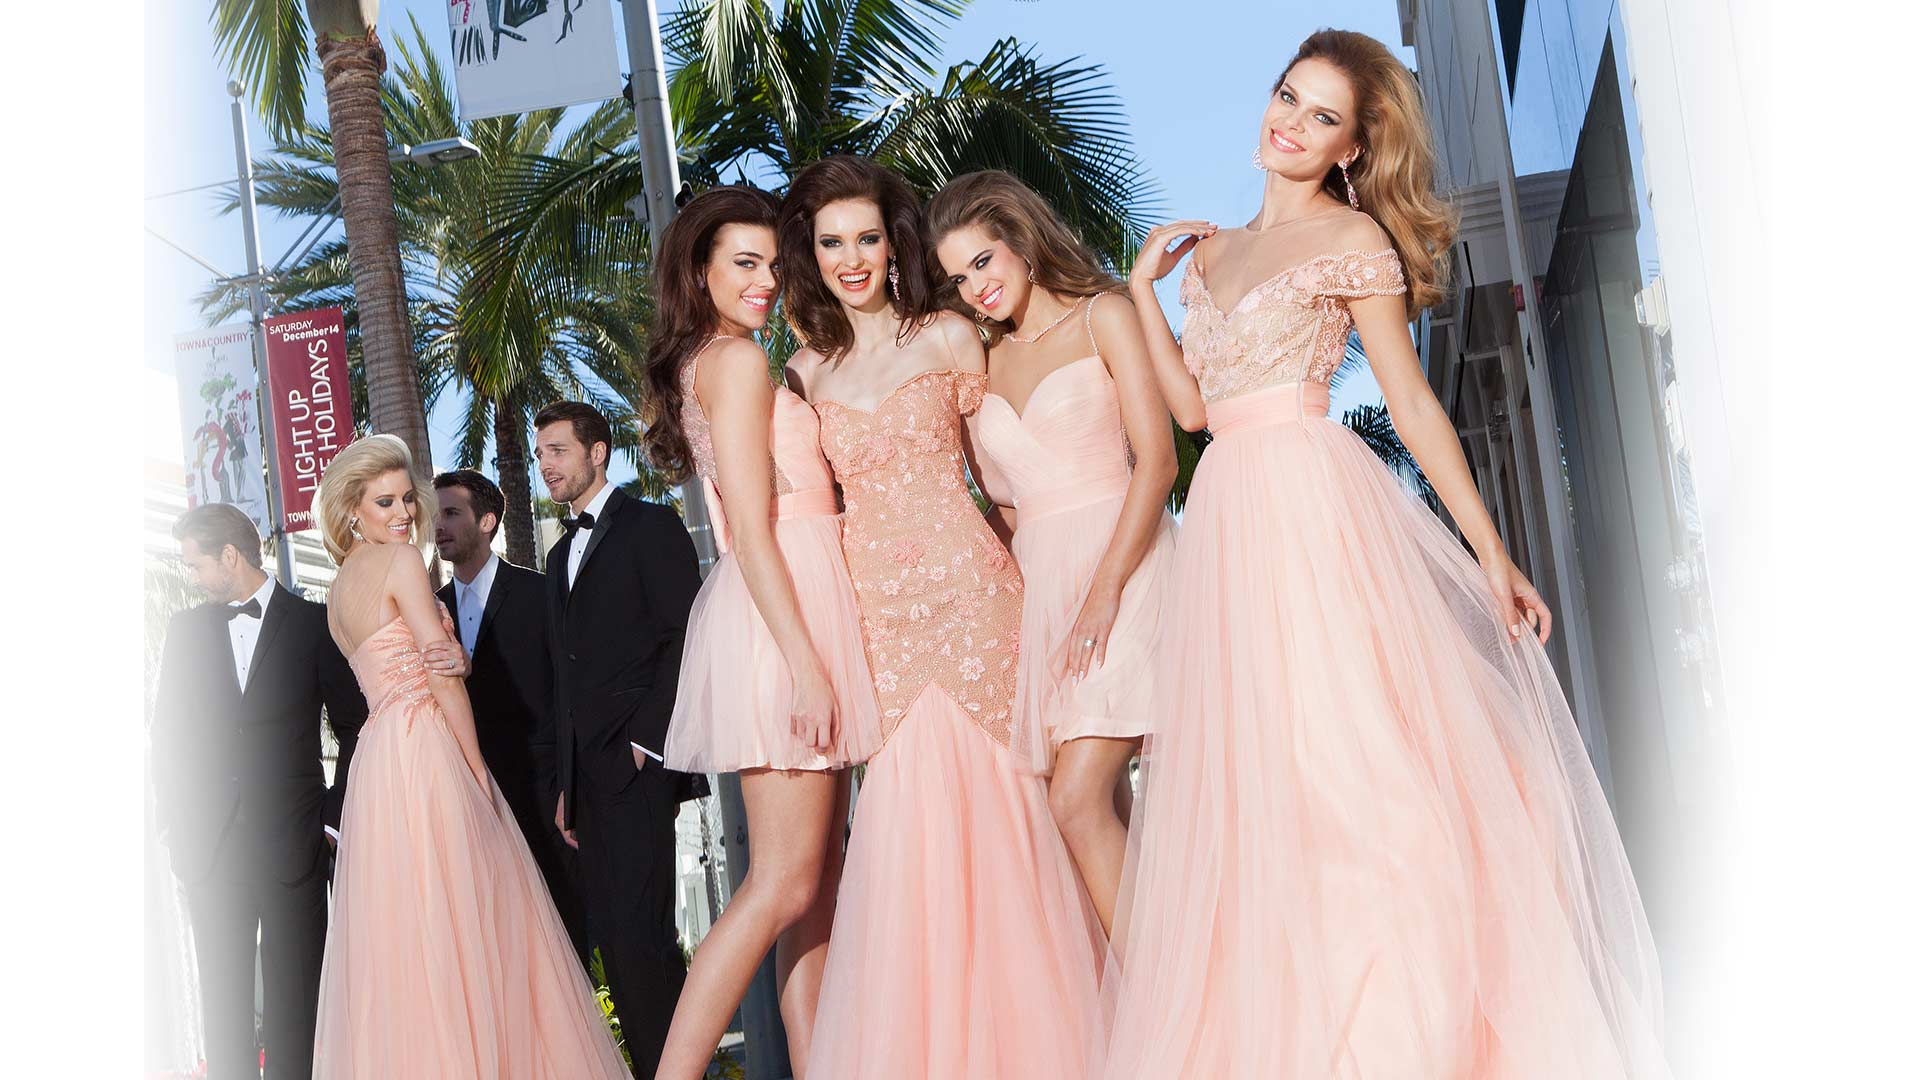 Девушки в выпускном платье фото